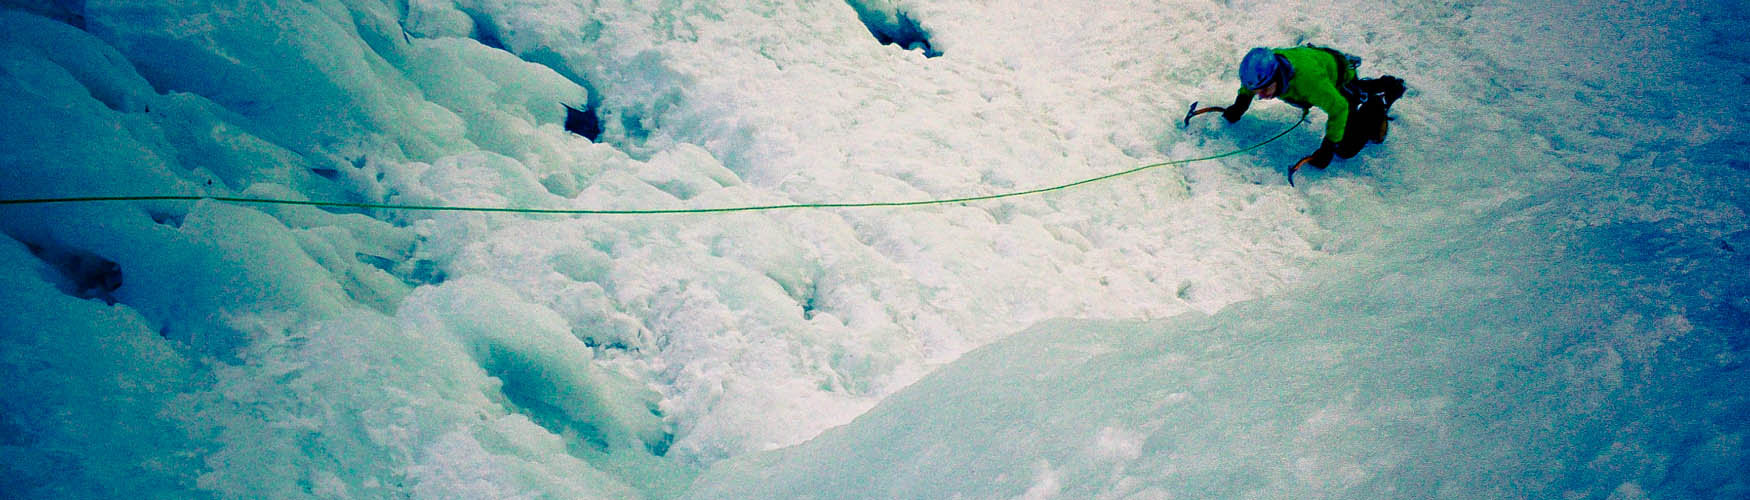 Tirol Eisklettern, Tirol Bergführer